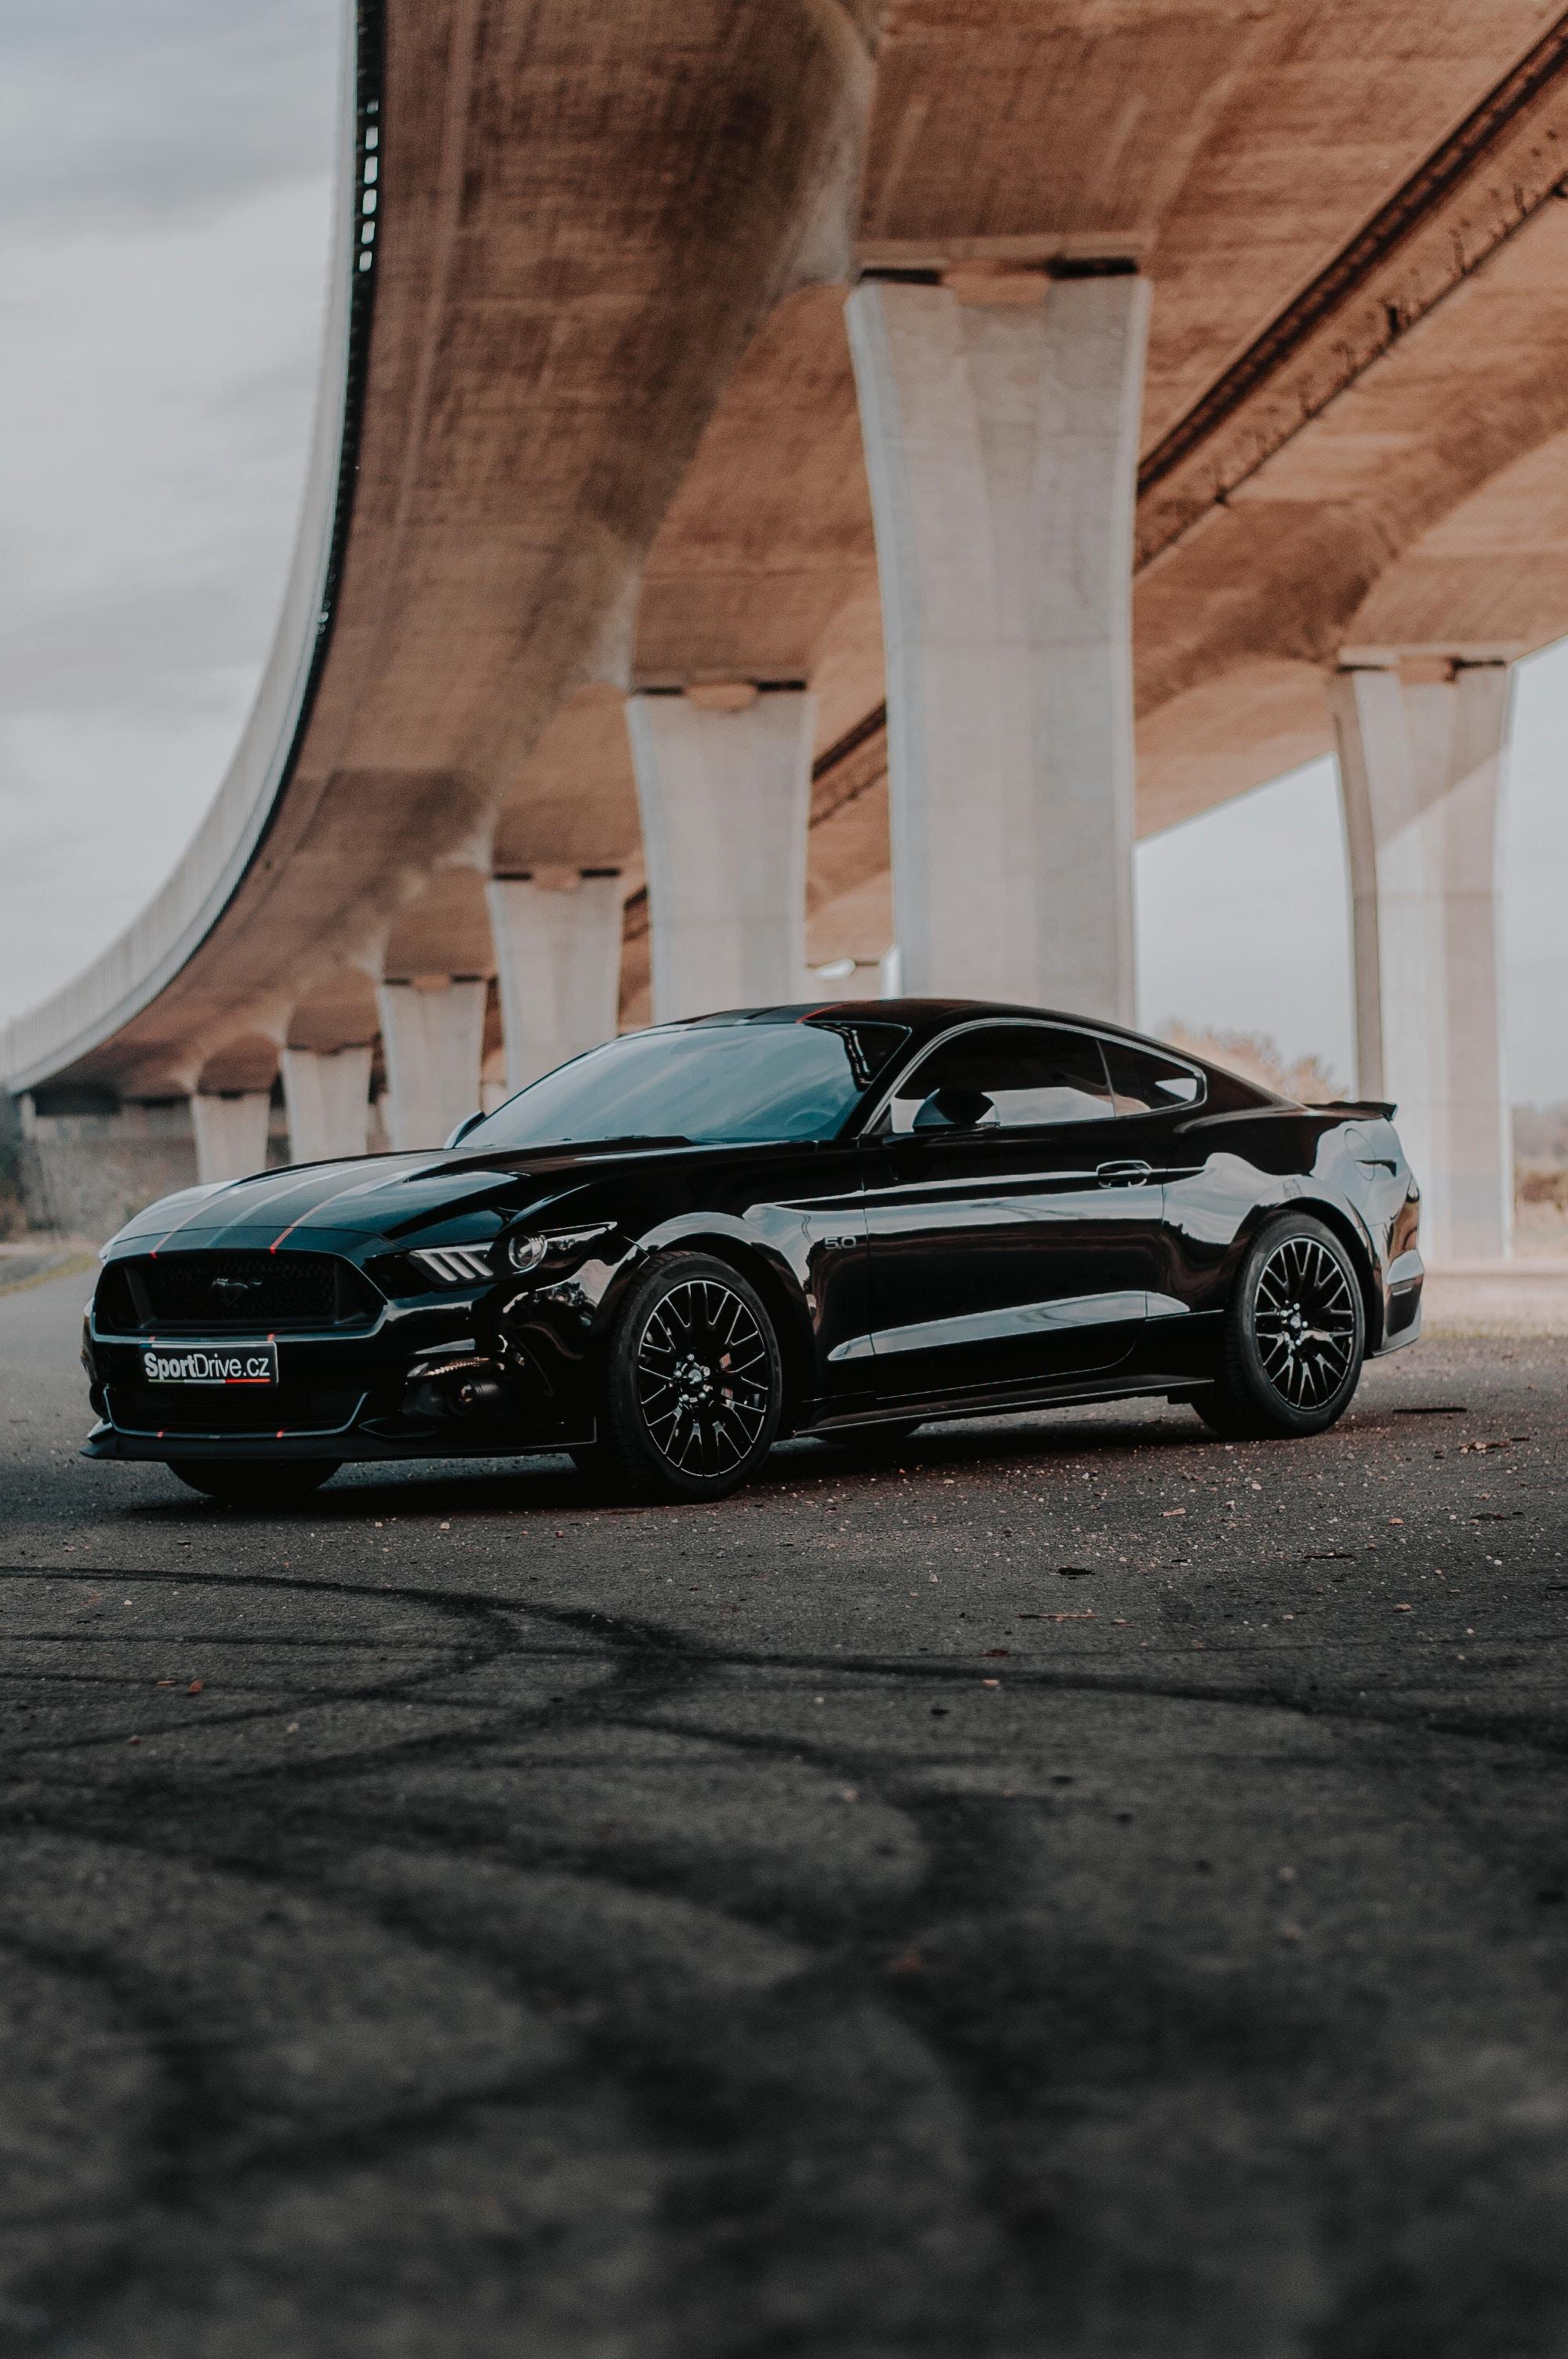 61553 скачать обои Форд (Ford), Автомобиль, Ford Mustang, Тачки (Cars), Черный, Вид Сбоку, Ford Mustang Gt - заставки и картинки бесплатно